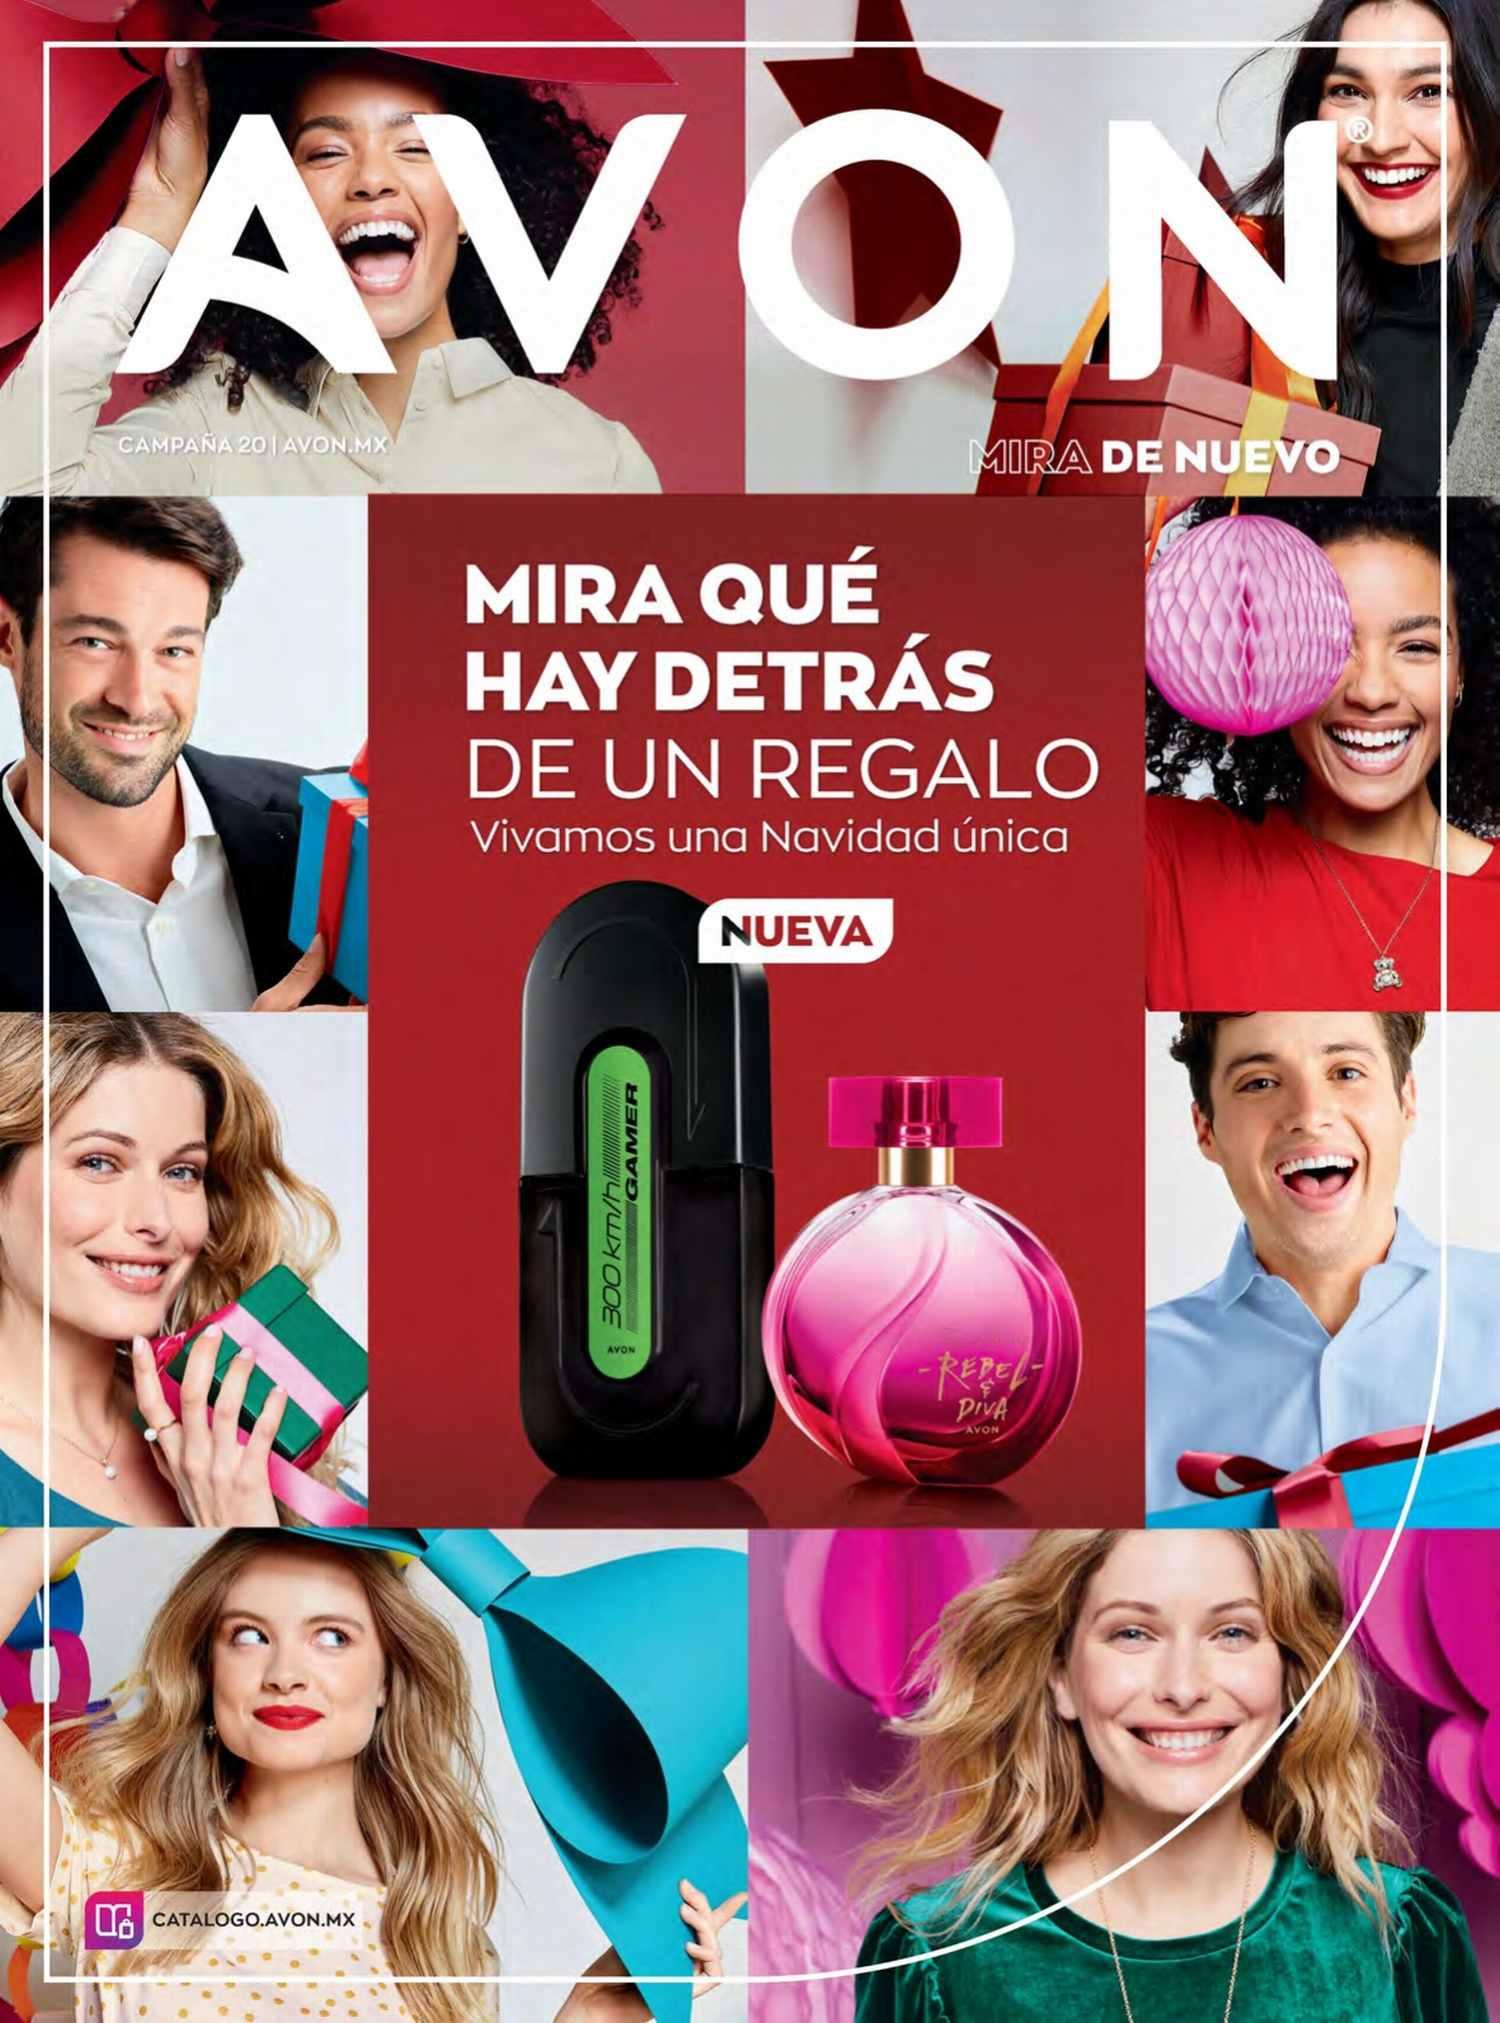 Catálogo Avon Campaña 20 2021 México